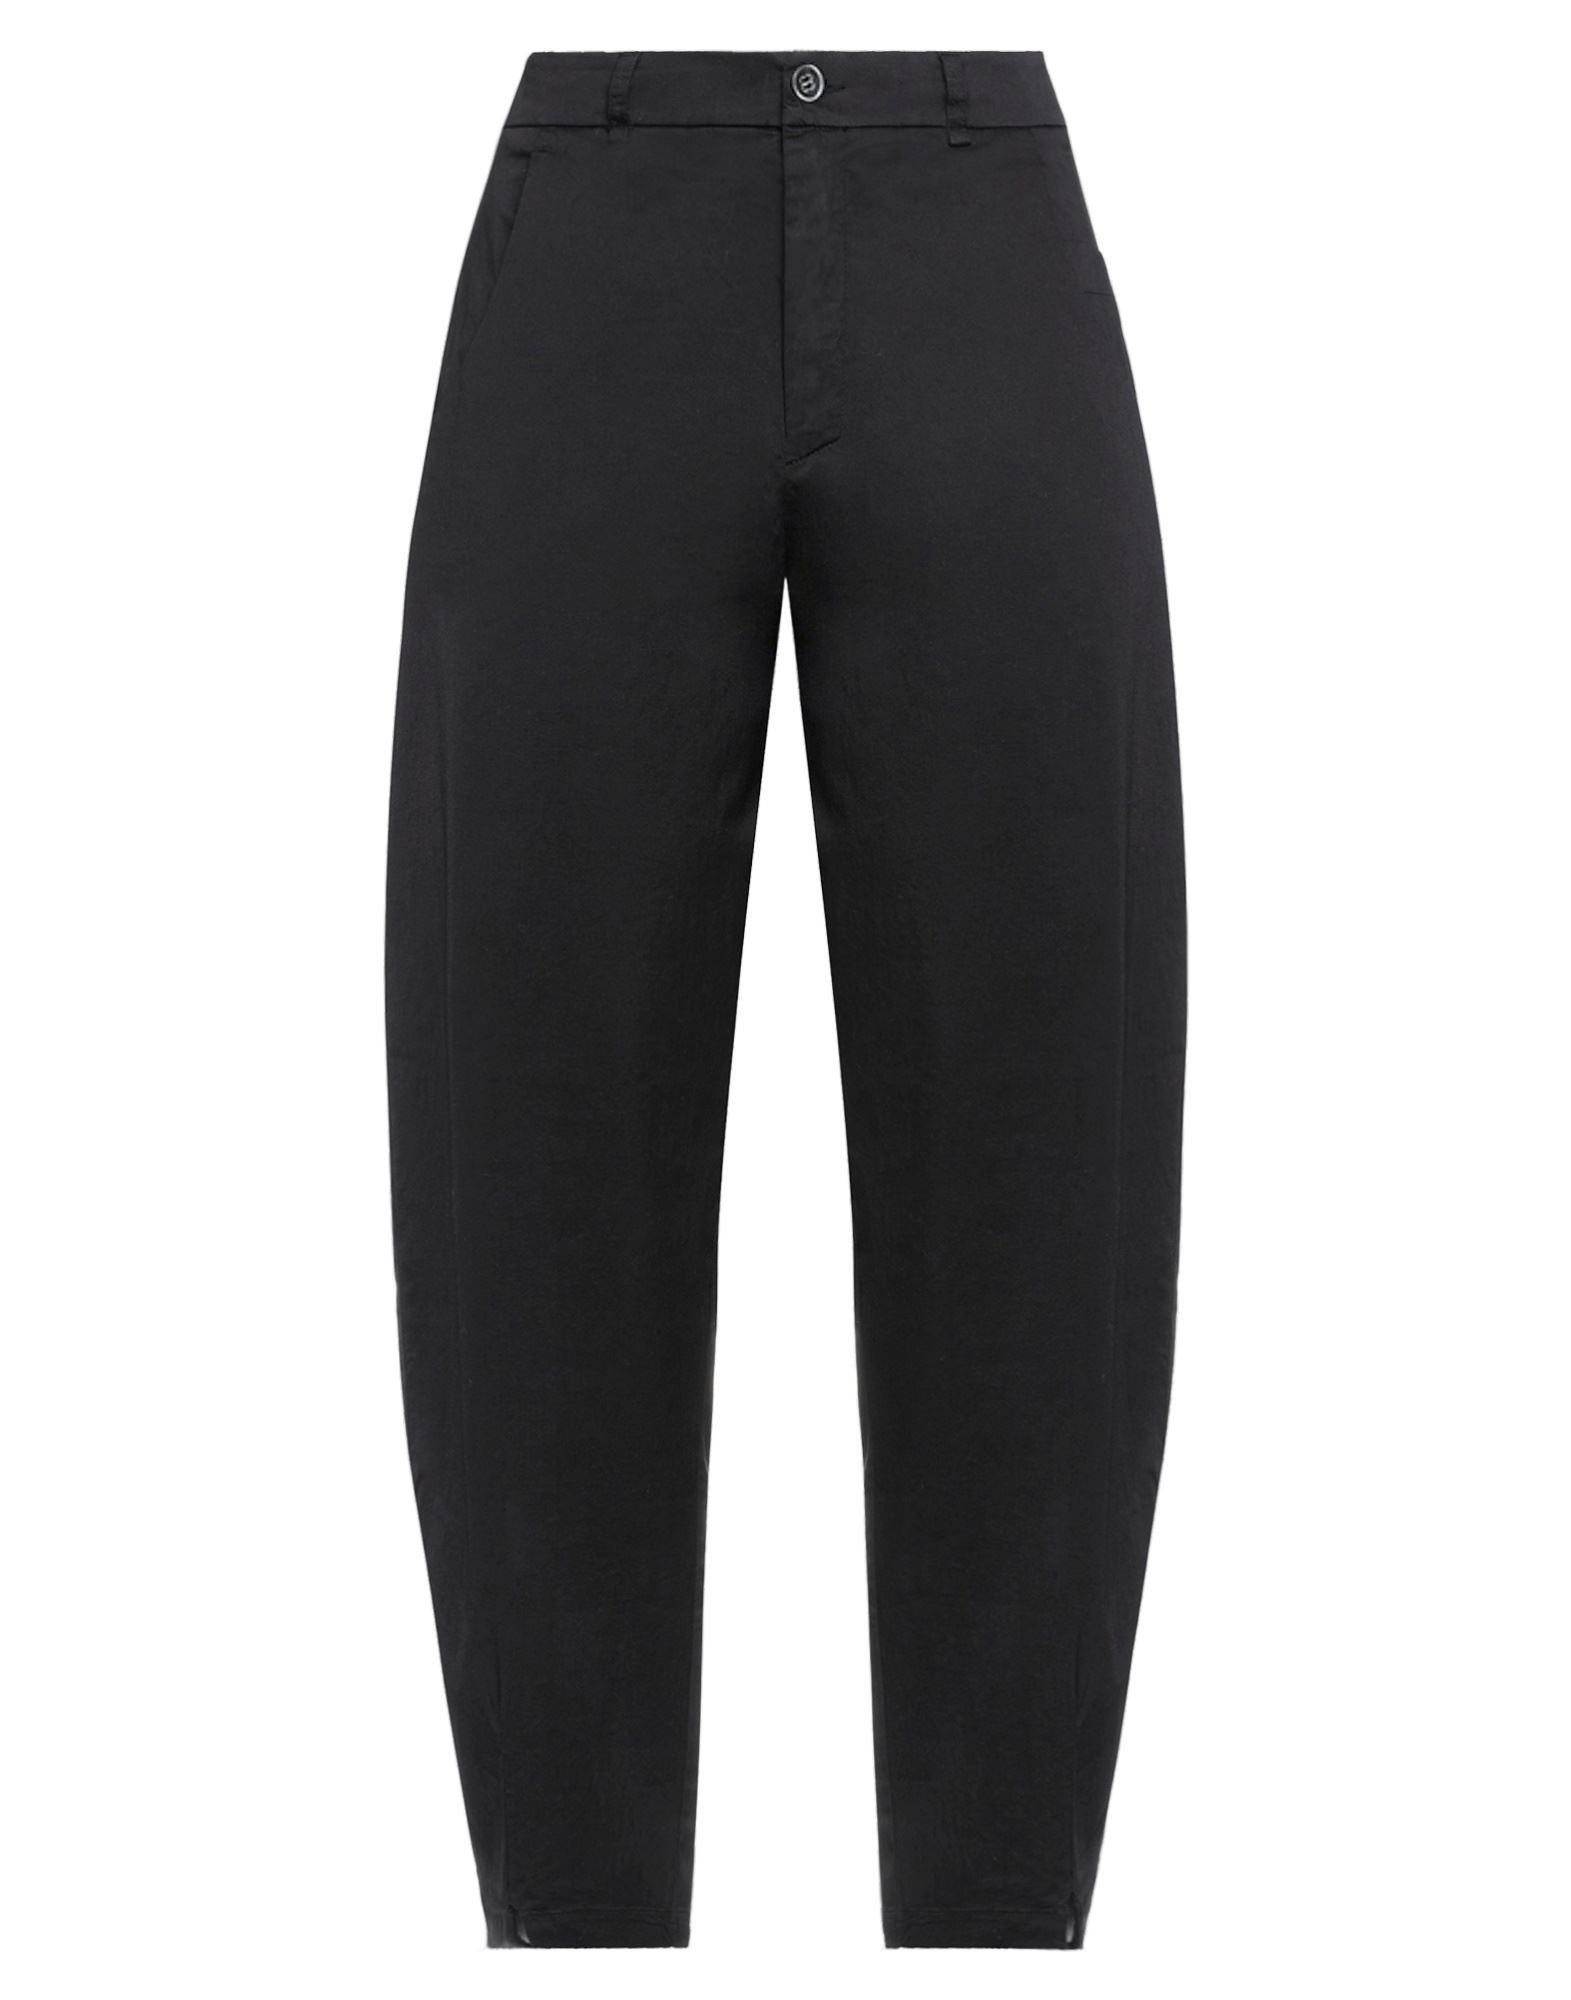 TRANSIT PAR-SUCH Casual pants - Item 13586495